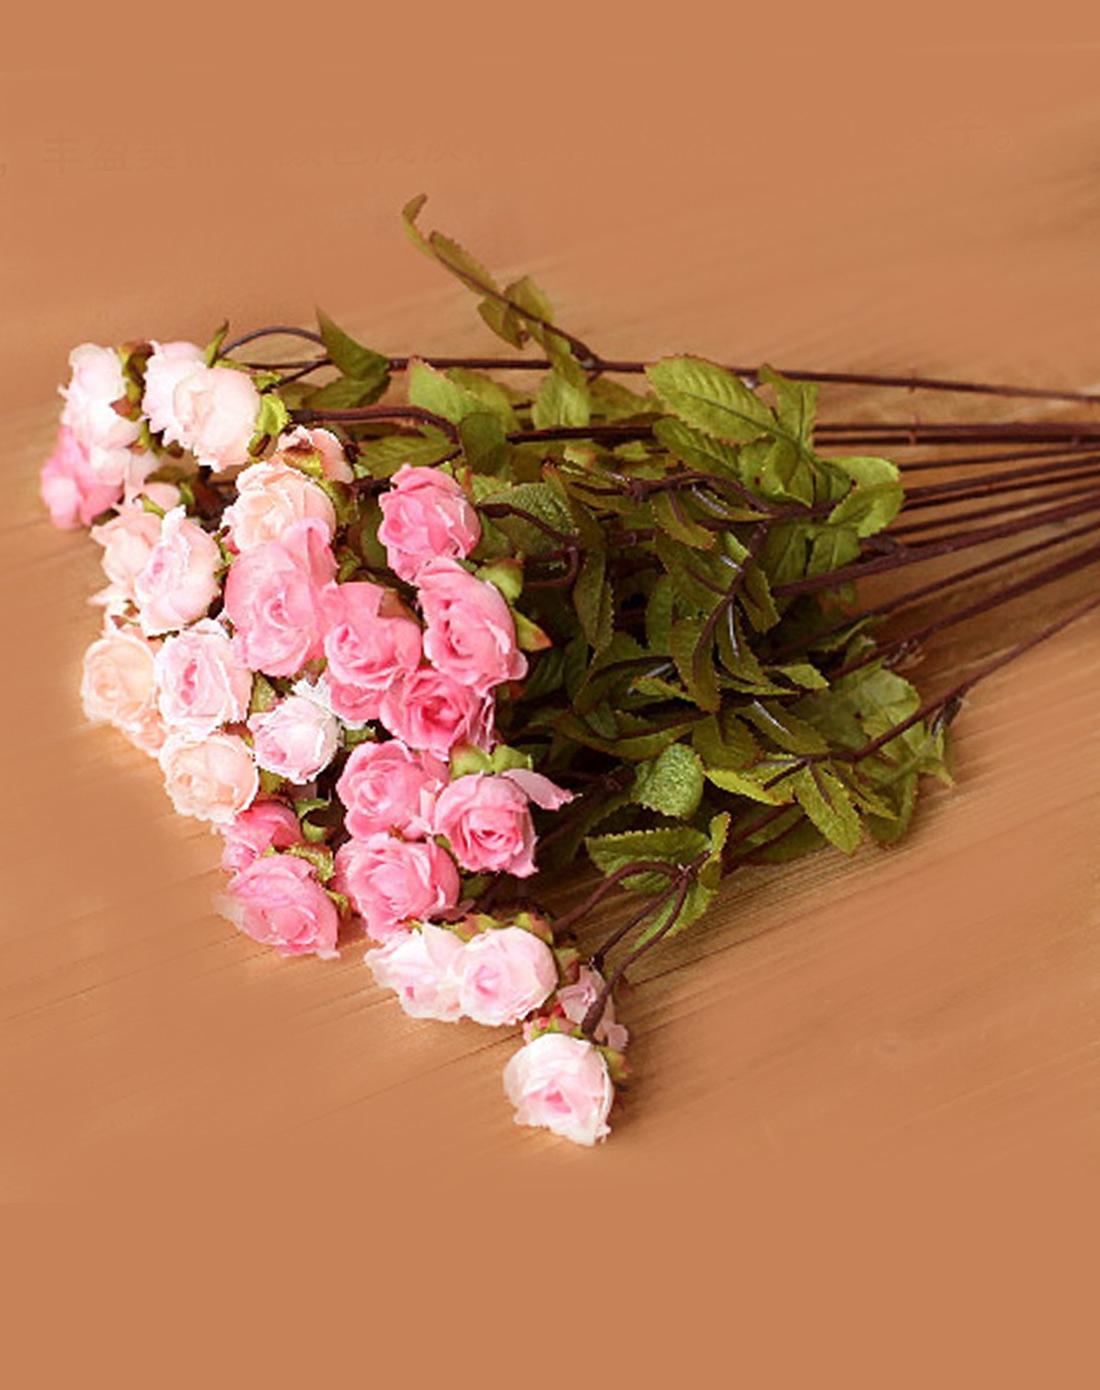 【大型超仿真唯美花艺】5束粉红玫瑰配花瓶套装